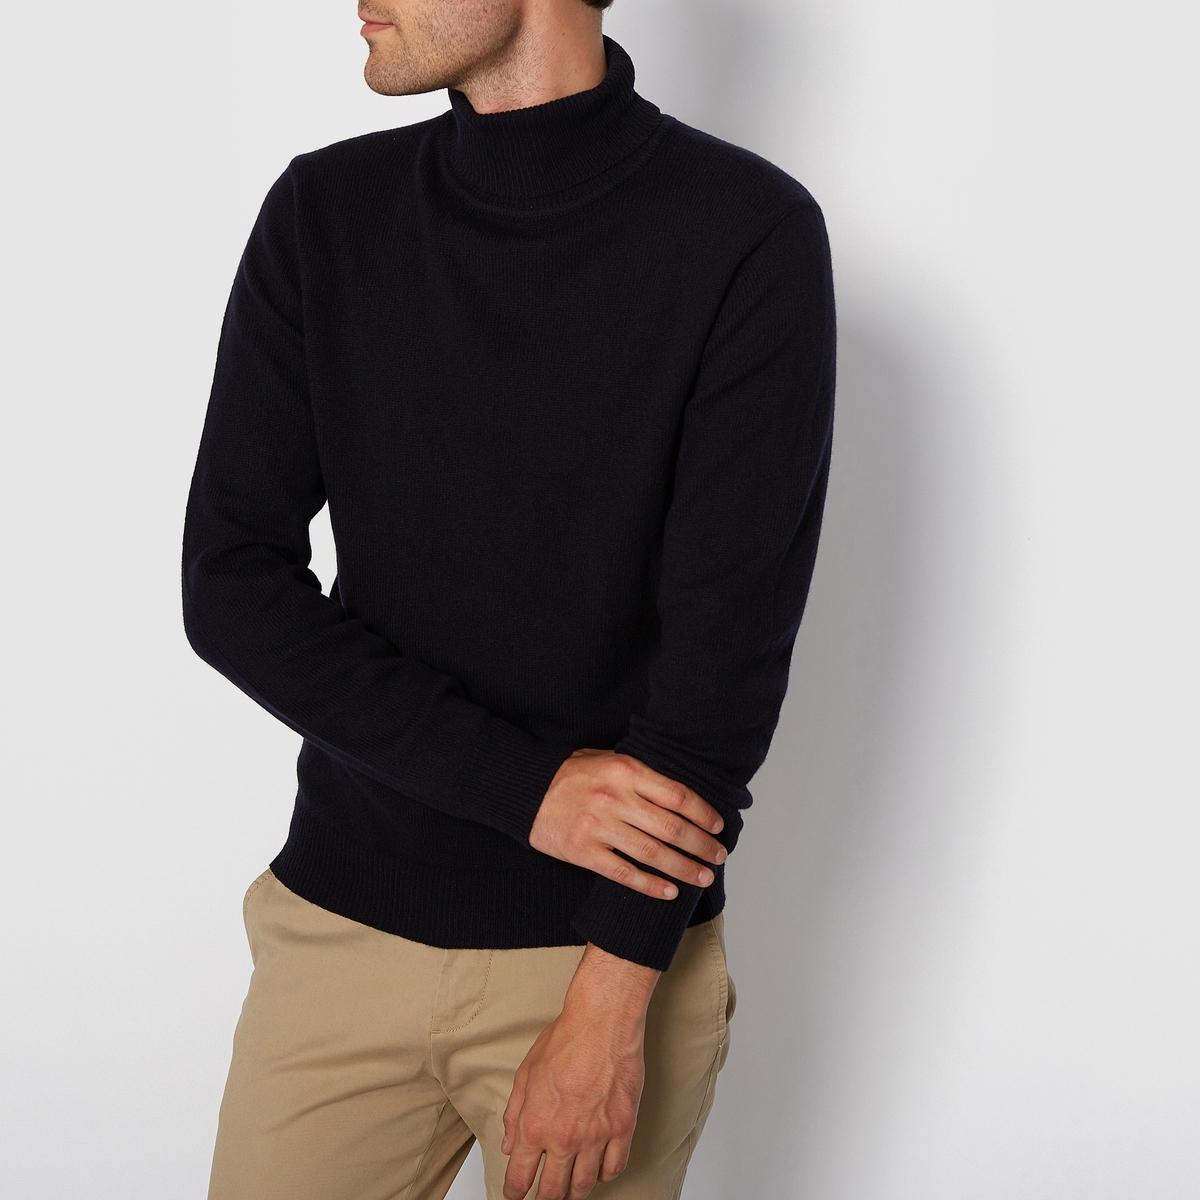 Пуловер с закатывающимся воротником 100% шерстьМатериал : 100% шерсть ягненка. Поярок.Пуловер с длинными рукавами.Воротник хомут.<br><br>Цвет: темно-синий